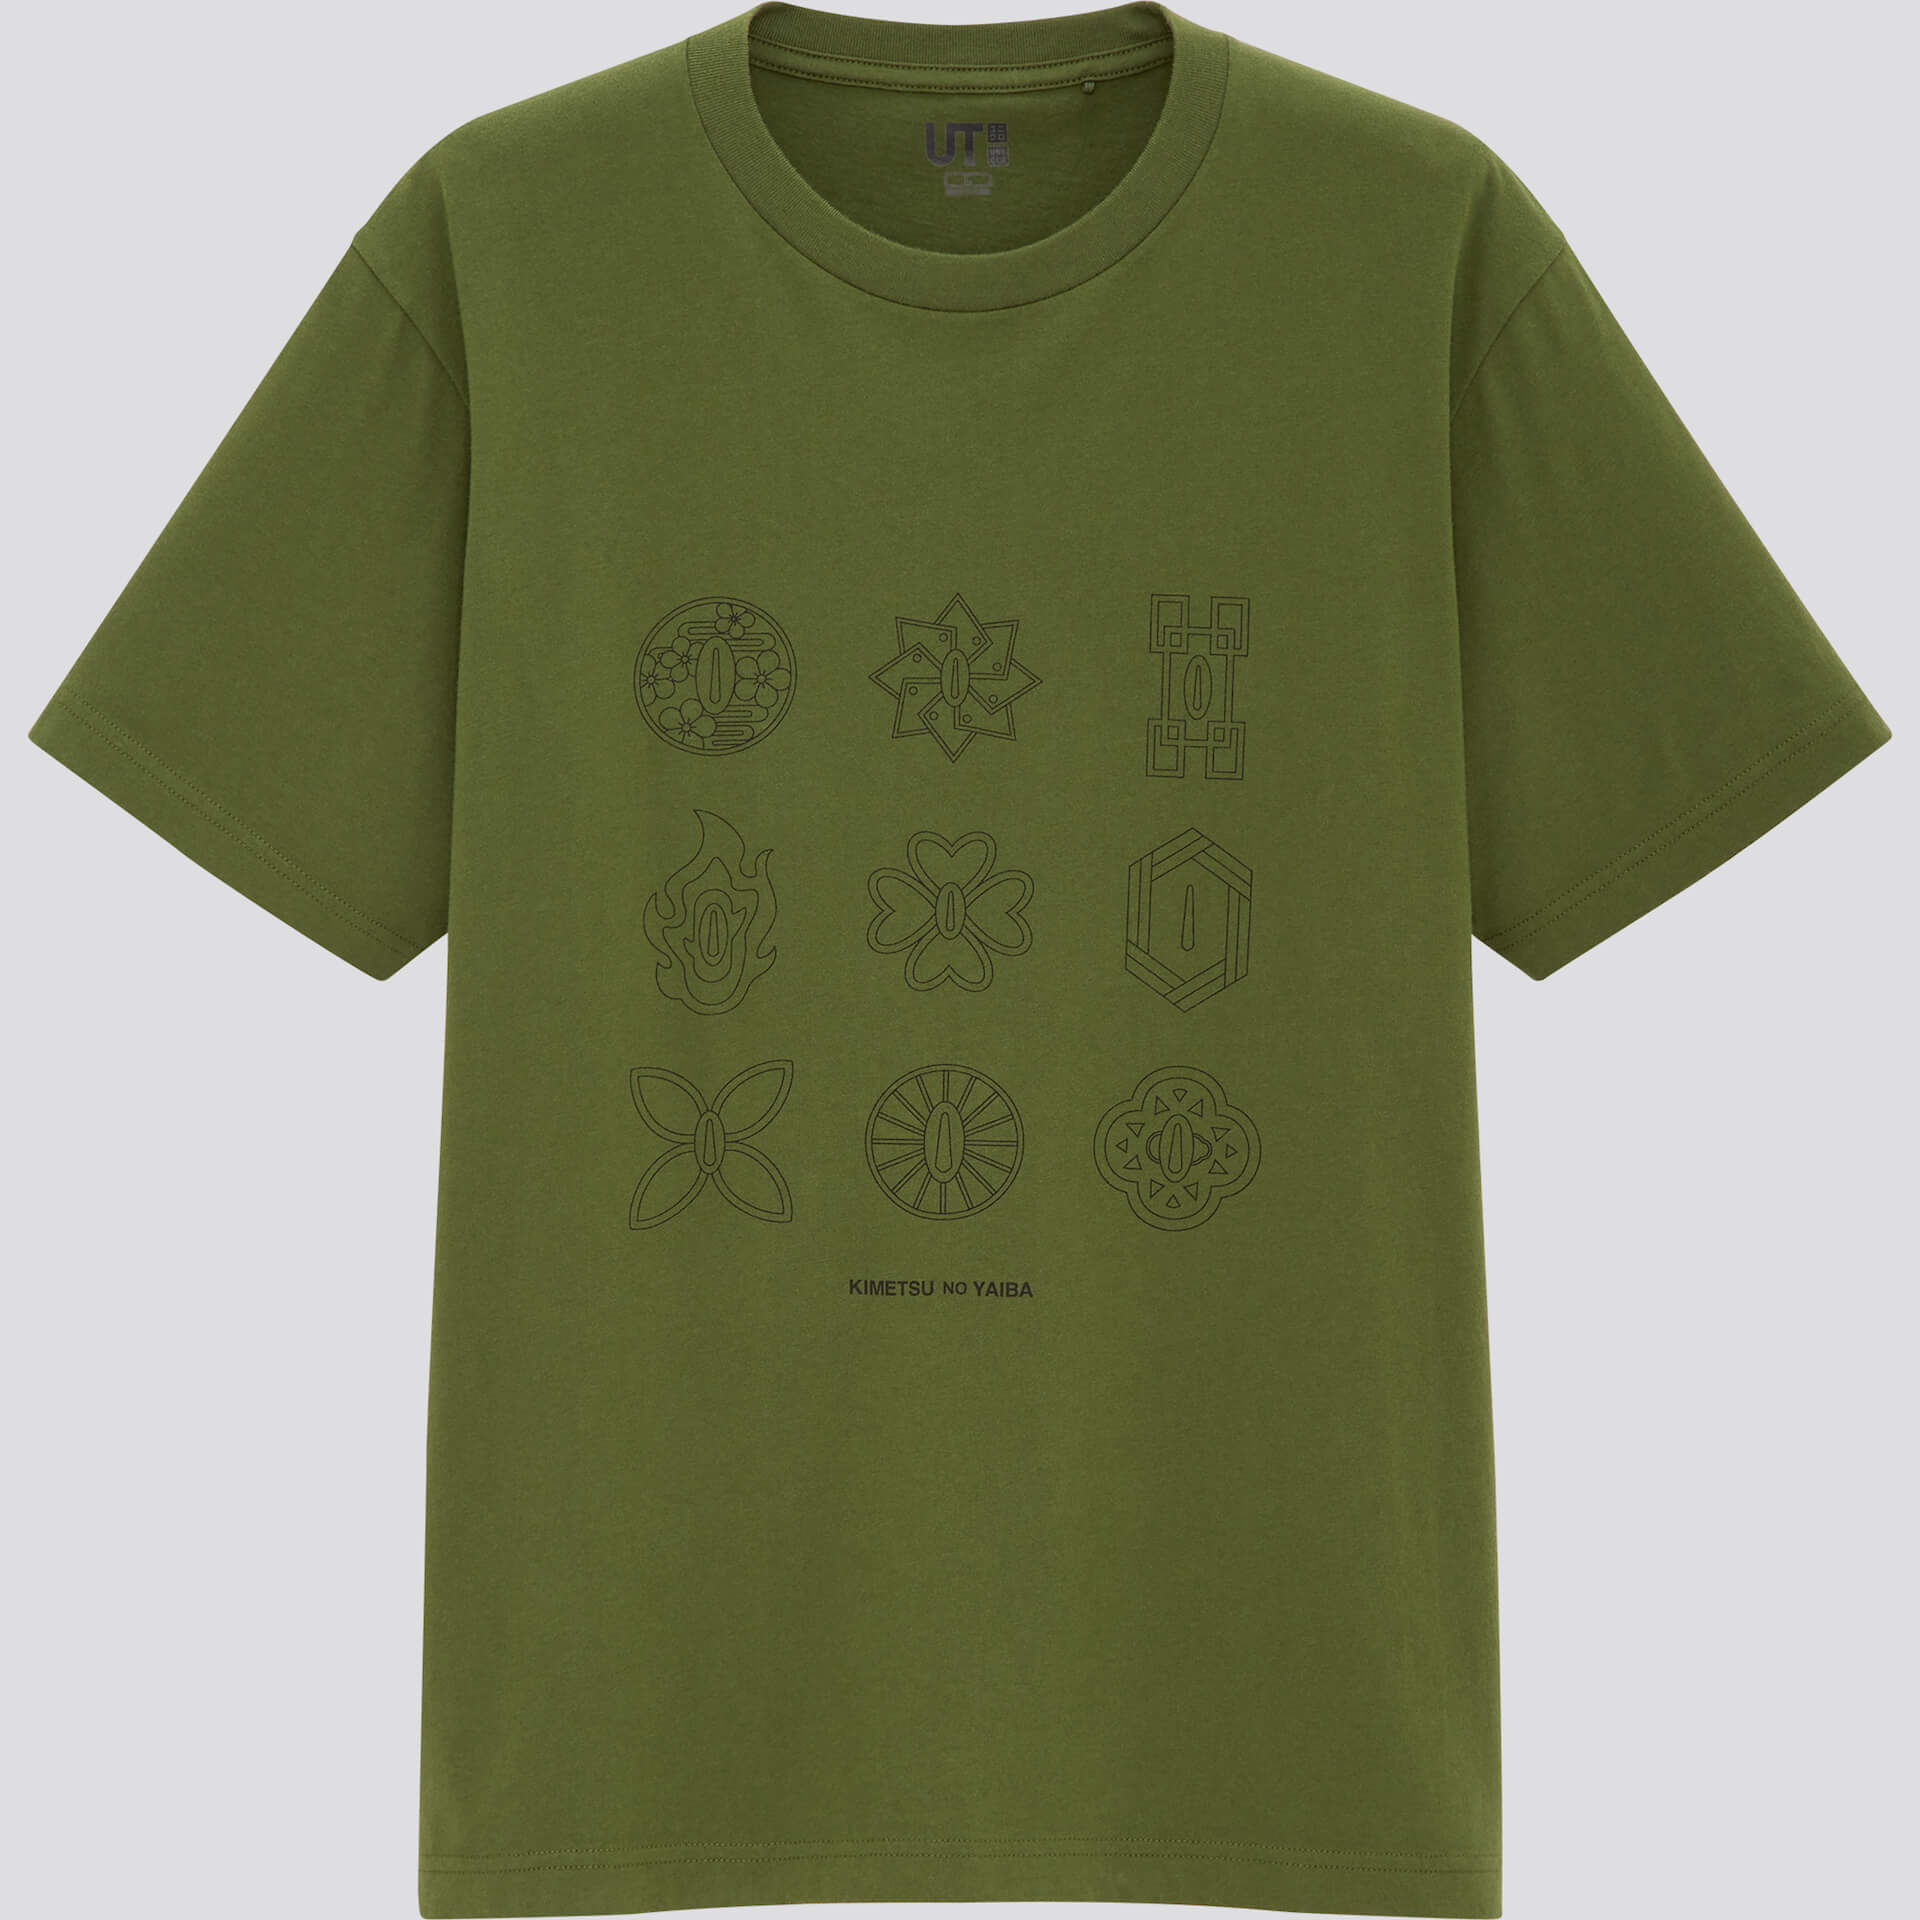 『鬼滅の刃』とユニクロ「UT」コラボ第2弾のコレクションがついに発表!着物や鍔をイメージしたバッグ&タオルも登場 life200817_kimetsu_ut_11